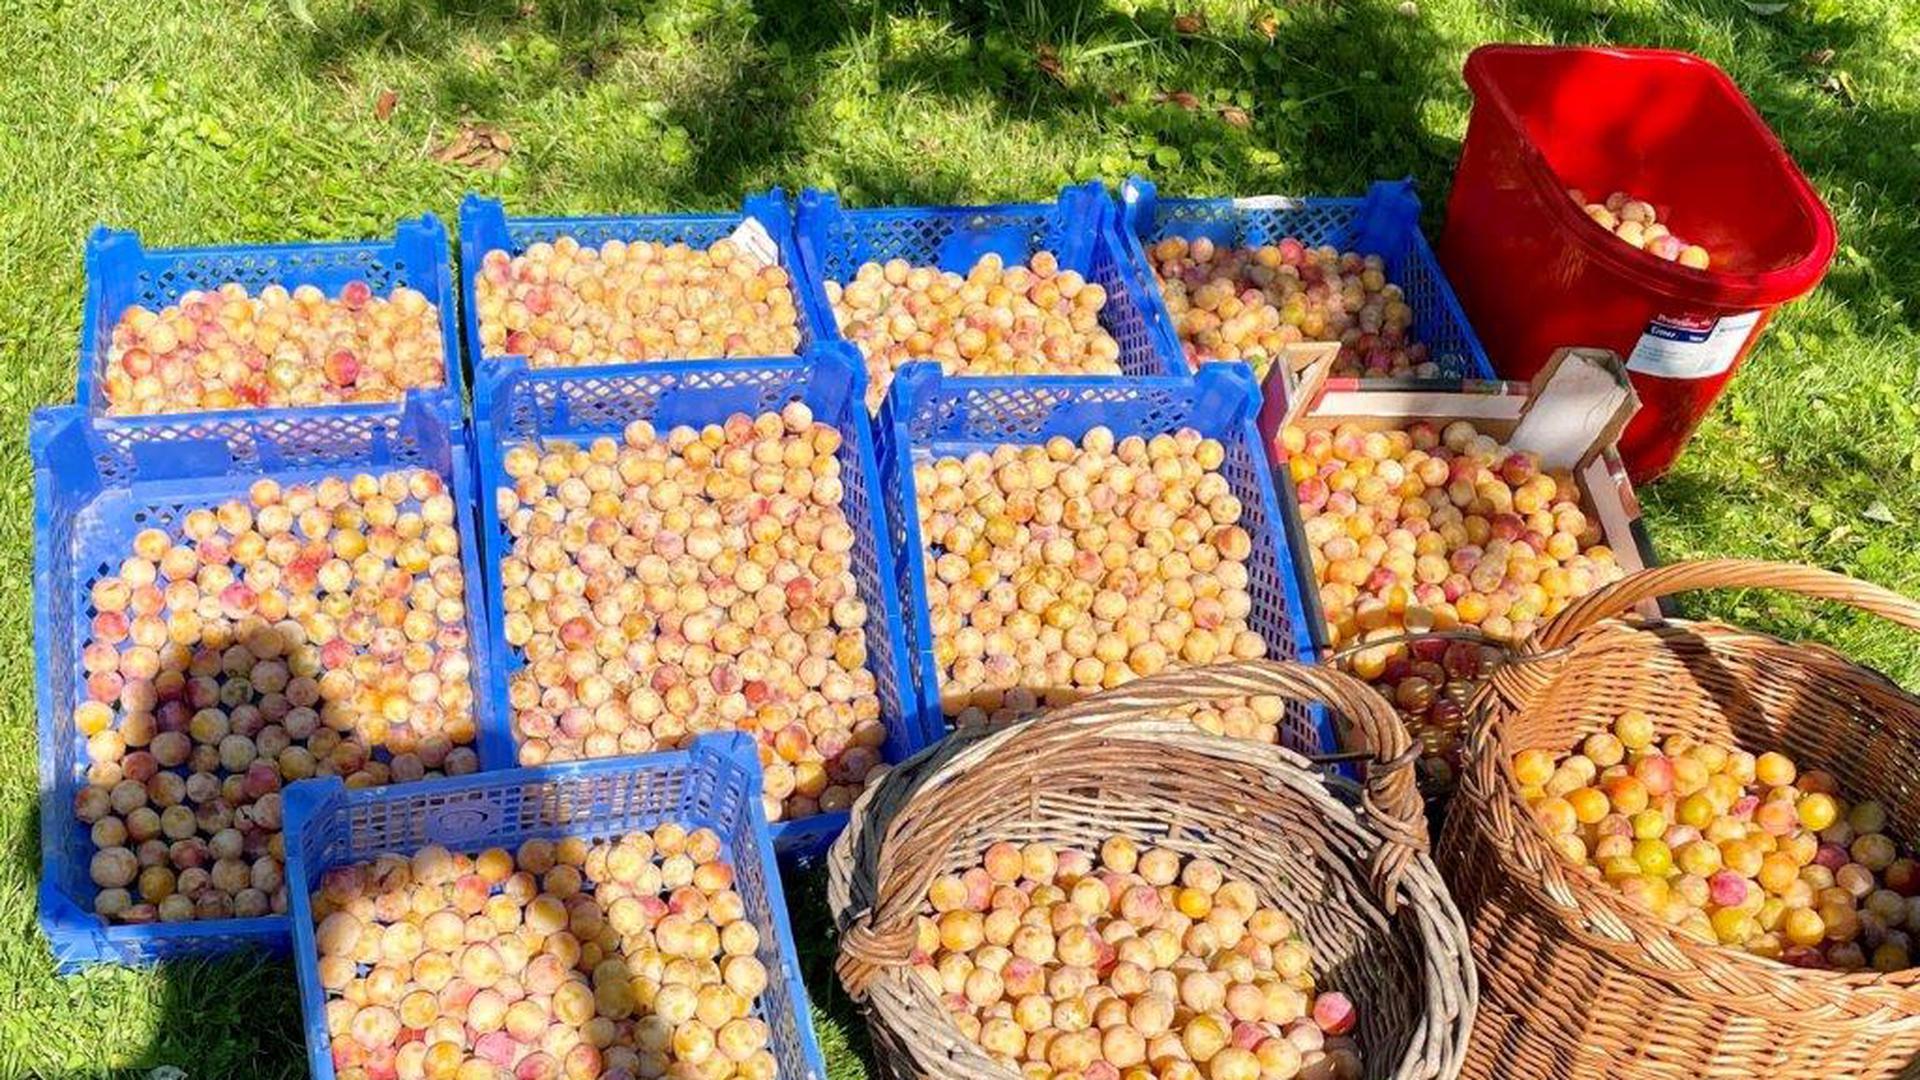 Wer sein Obst nicht selbst verwenden möchte oder ernten kann, der kann sich bei den Foodsavern melden. Sie helfen gerne.